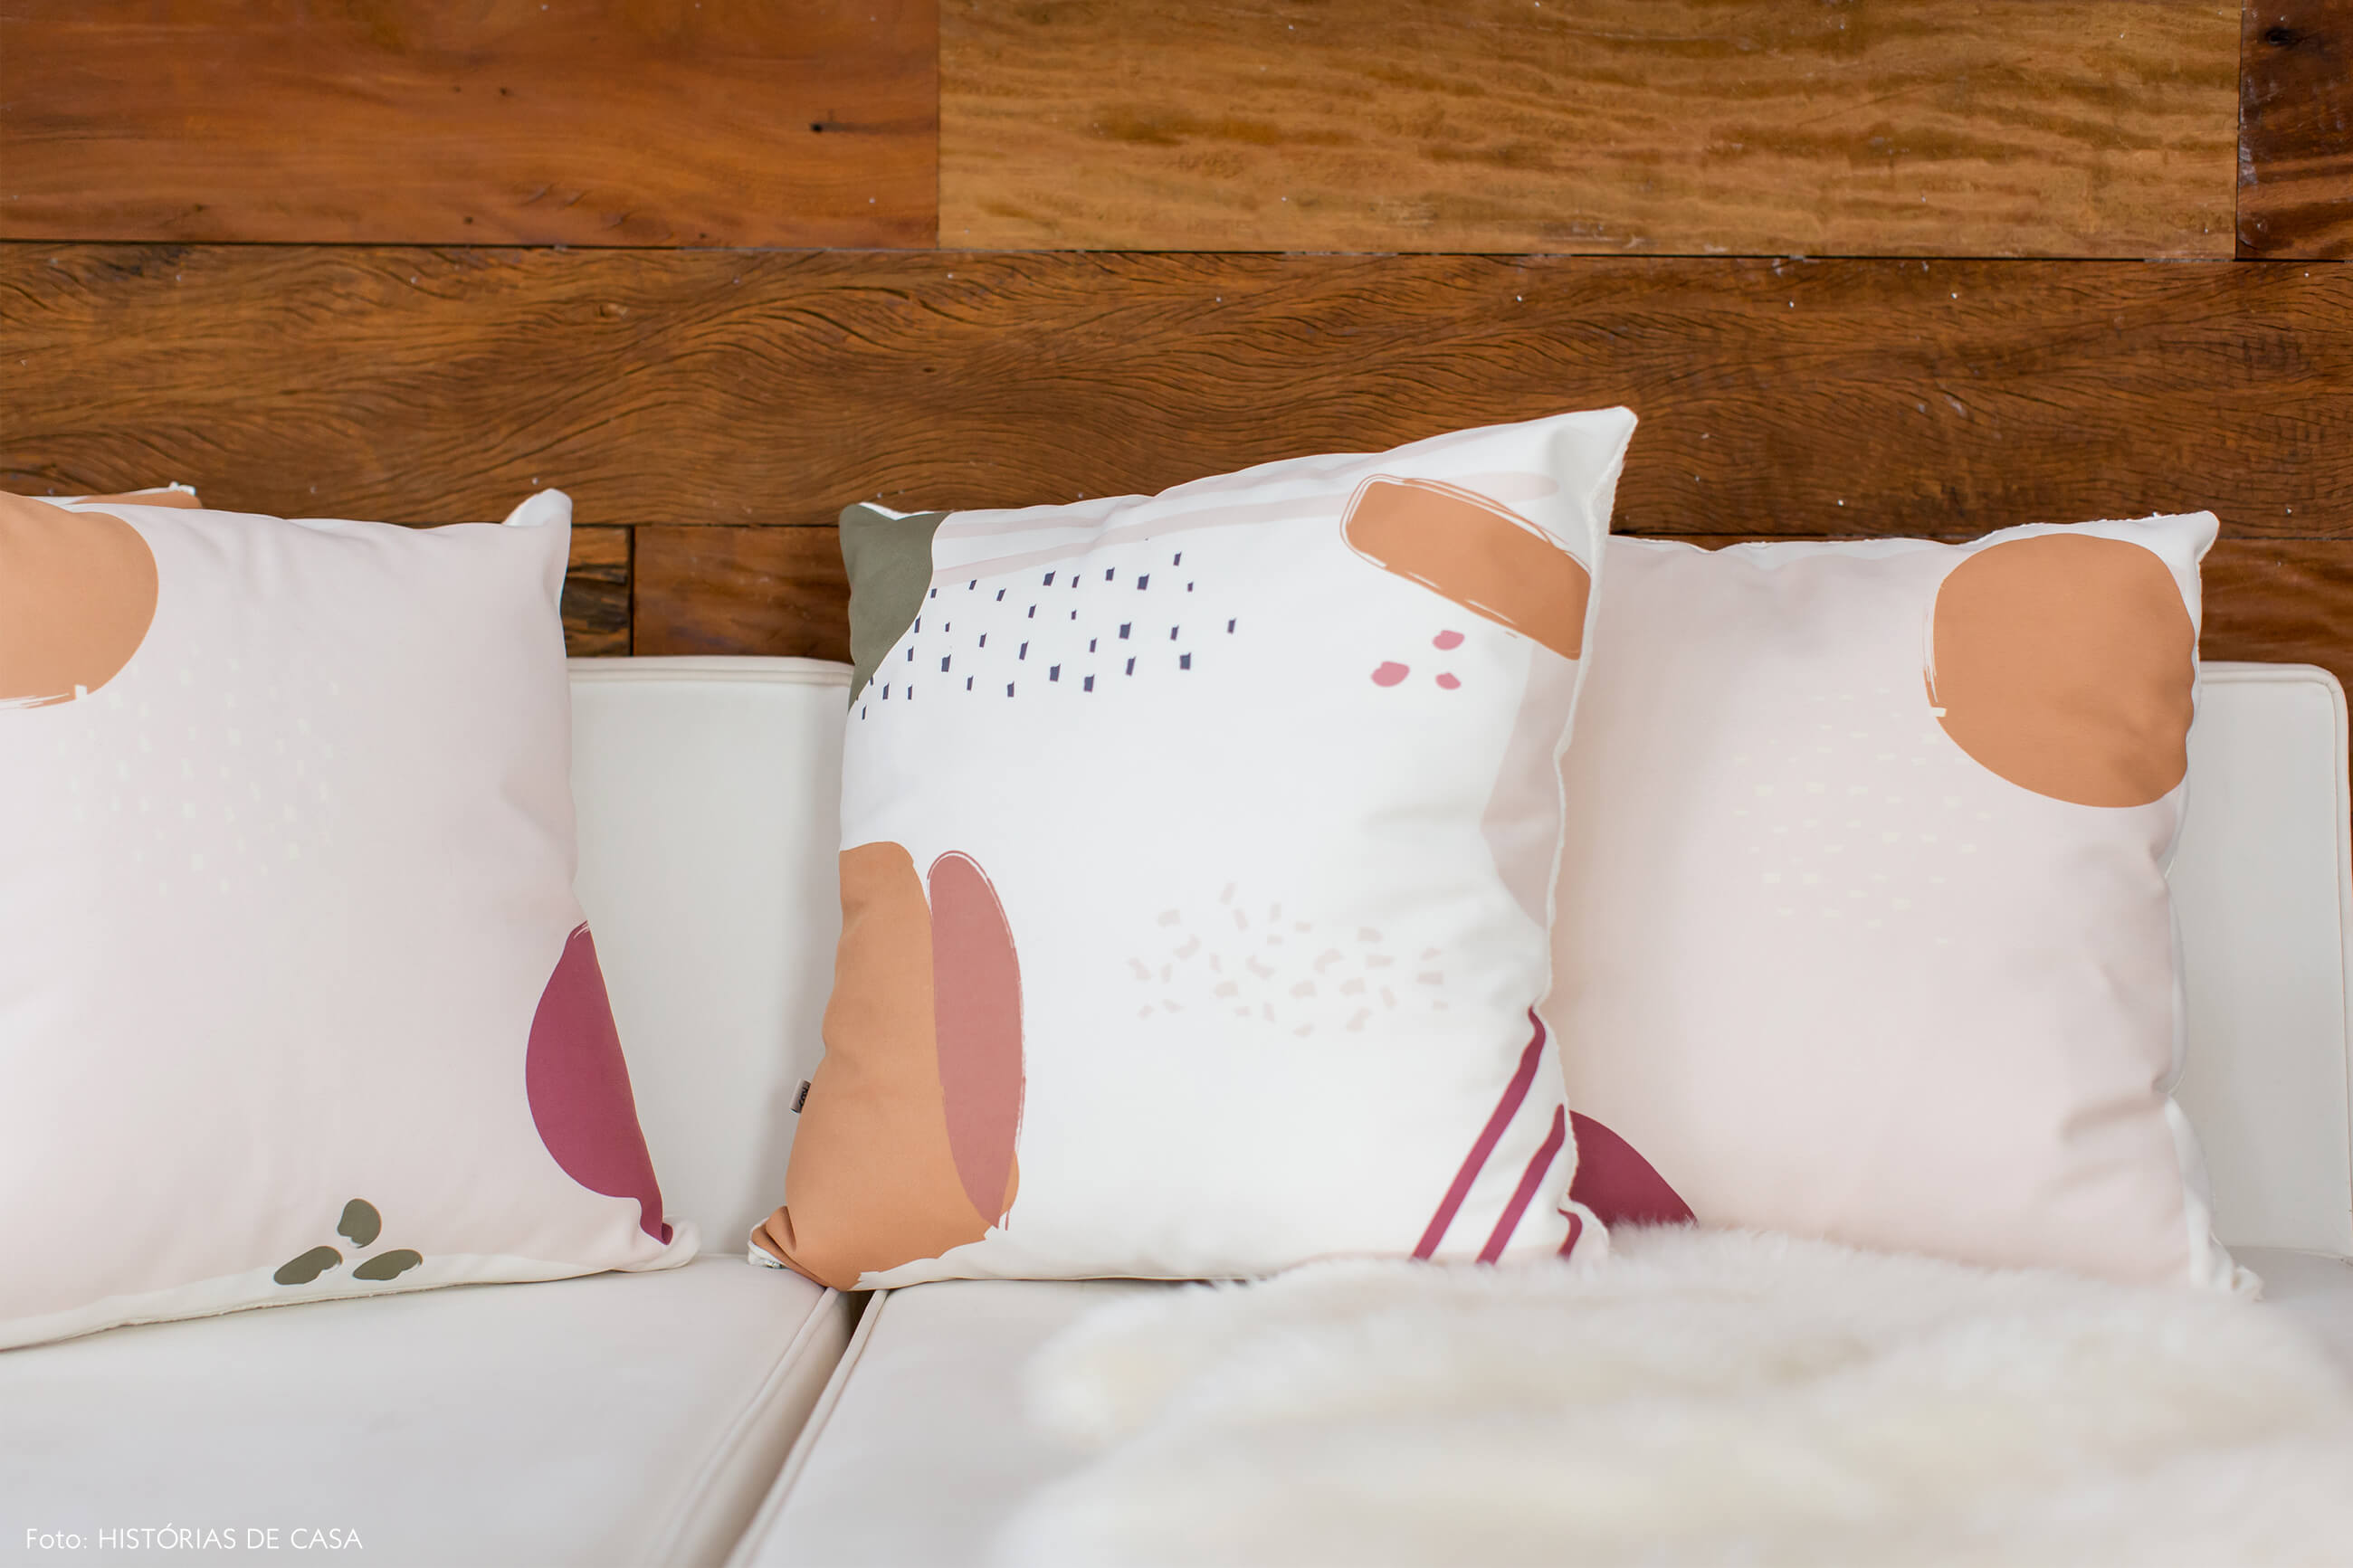 ju-cosi-decoração-almofadas-estampadas